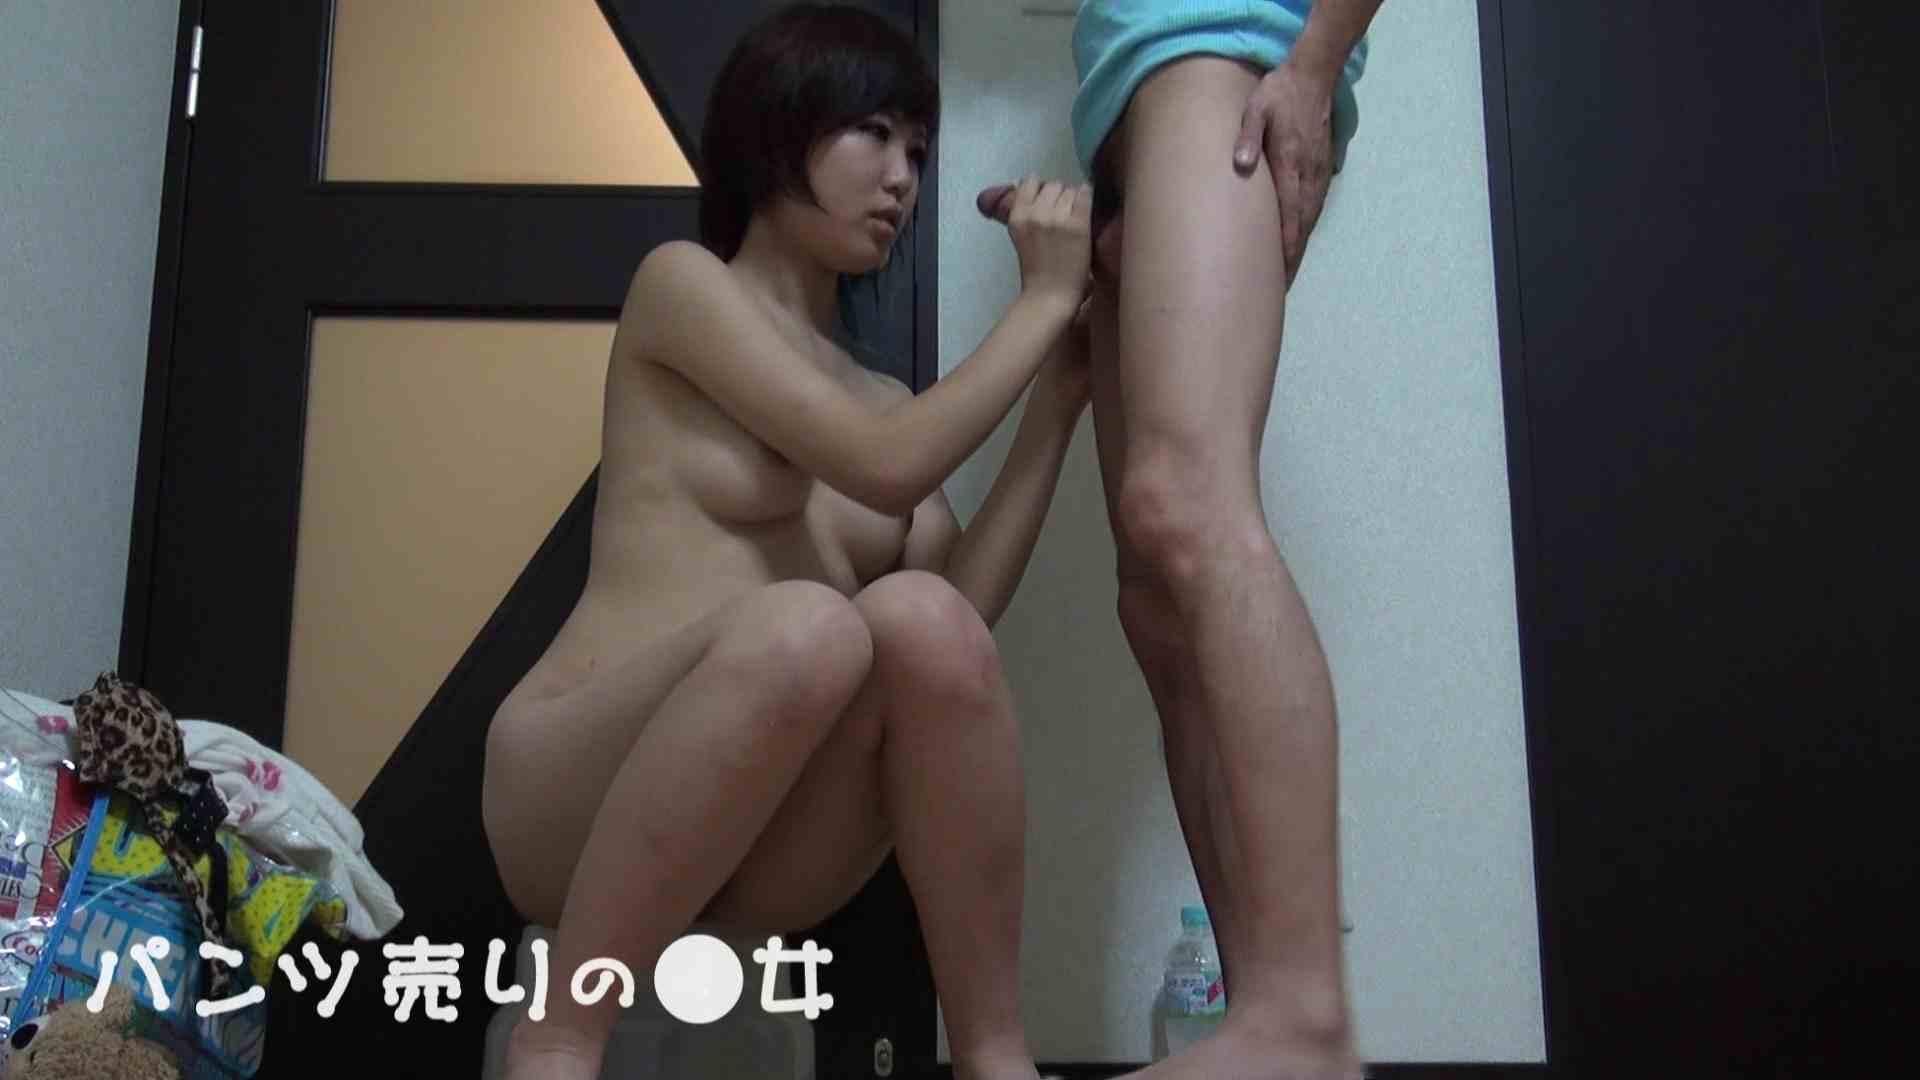 新説 パンツ売りの女の子nana02 覗き 隠し撮りオマンコ動画紹介 103PIX 51